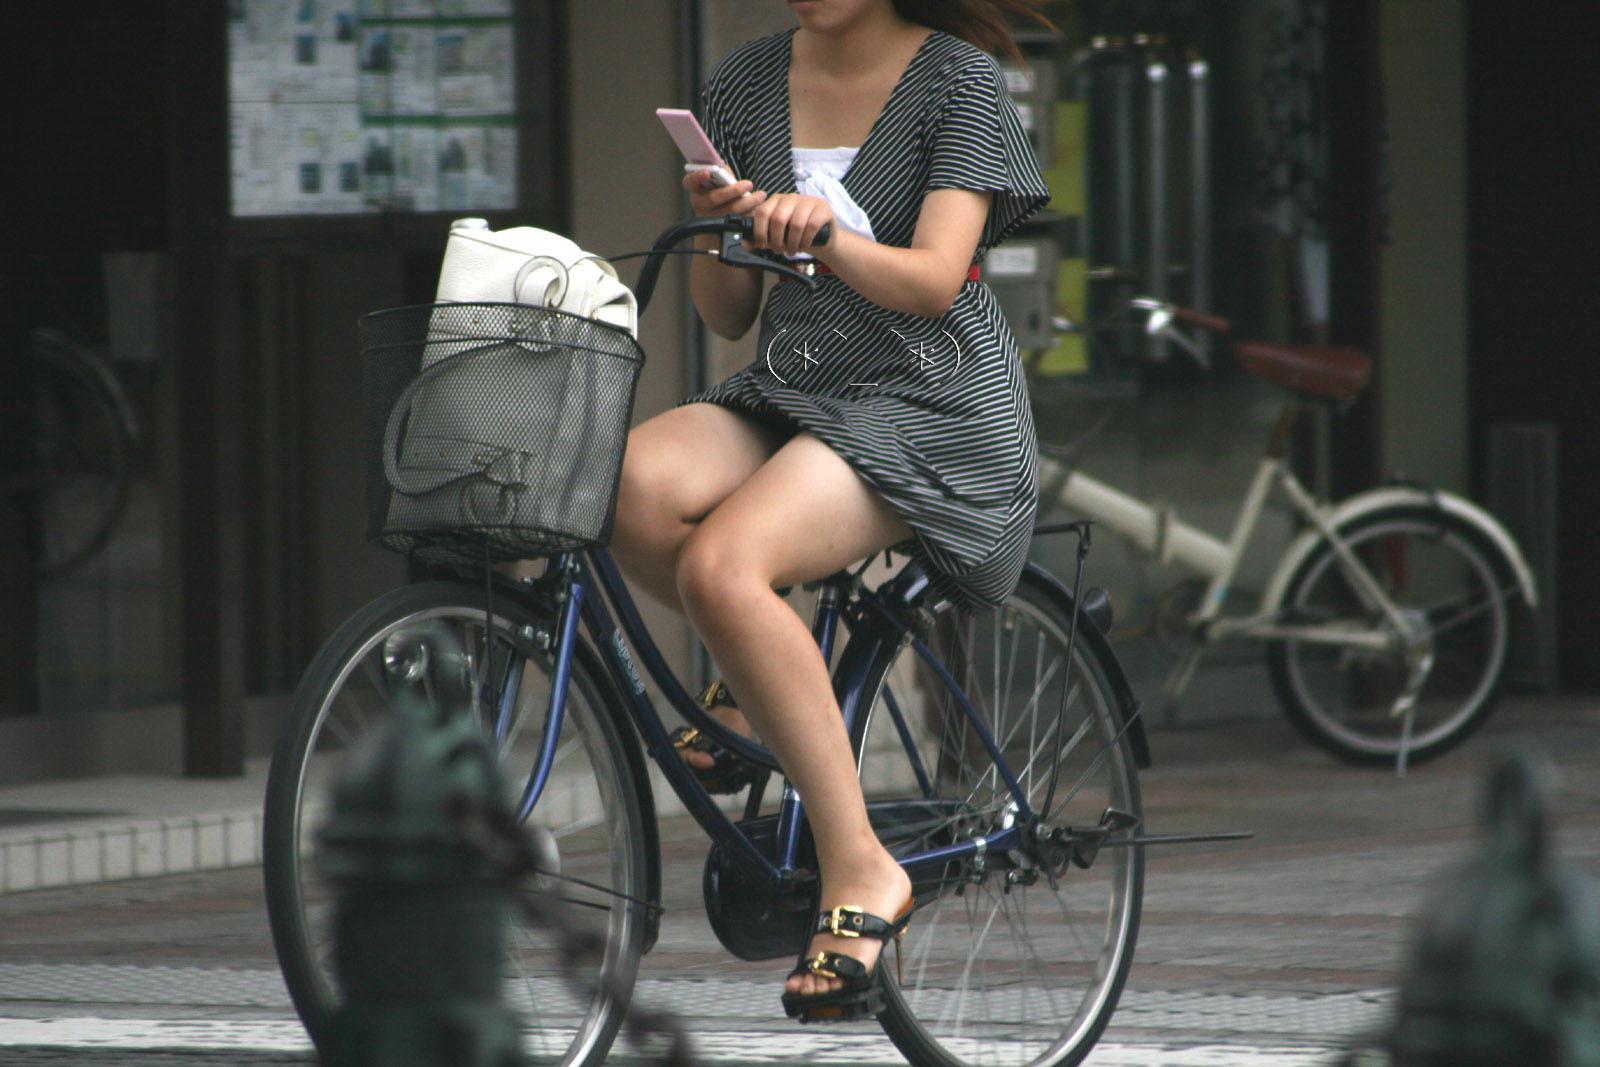 私服通勤中のOL自転車の三角パンチラ盗撮エロ画像9枚目